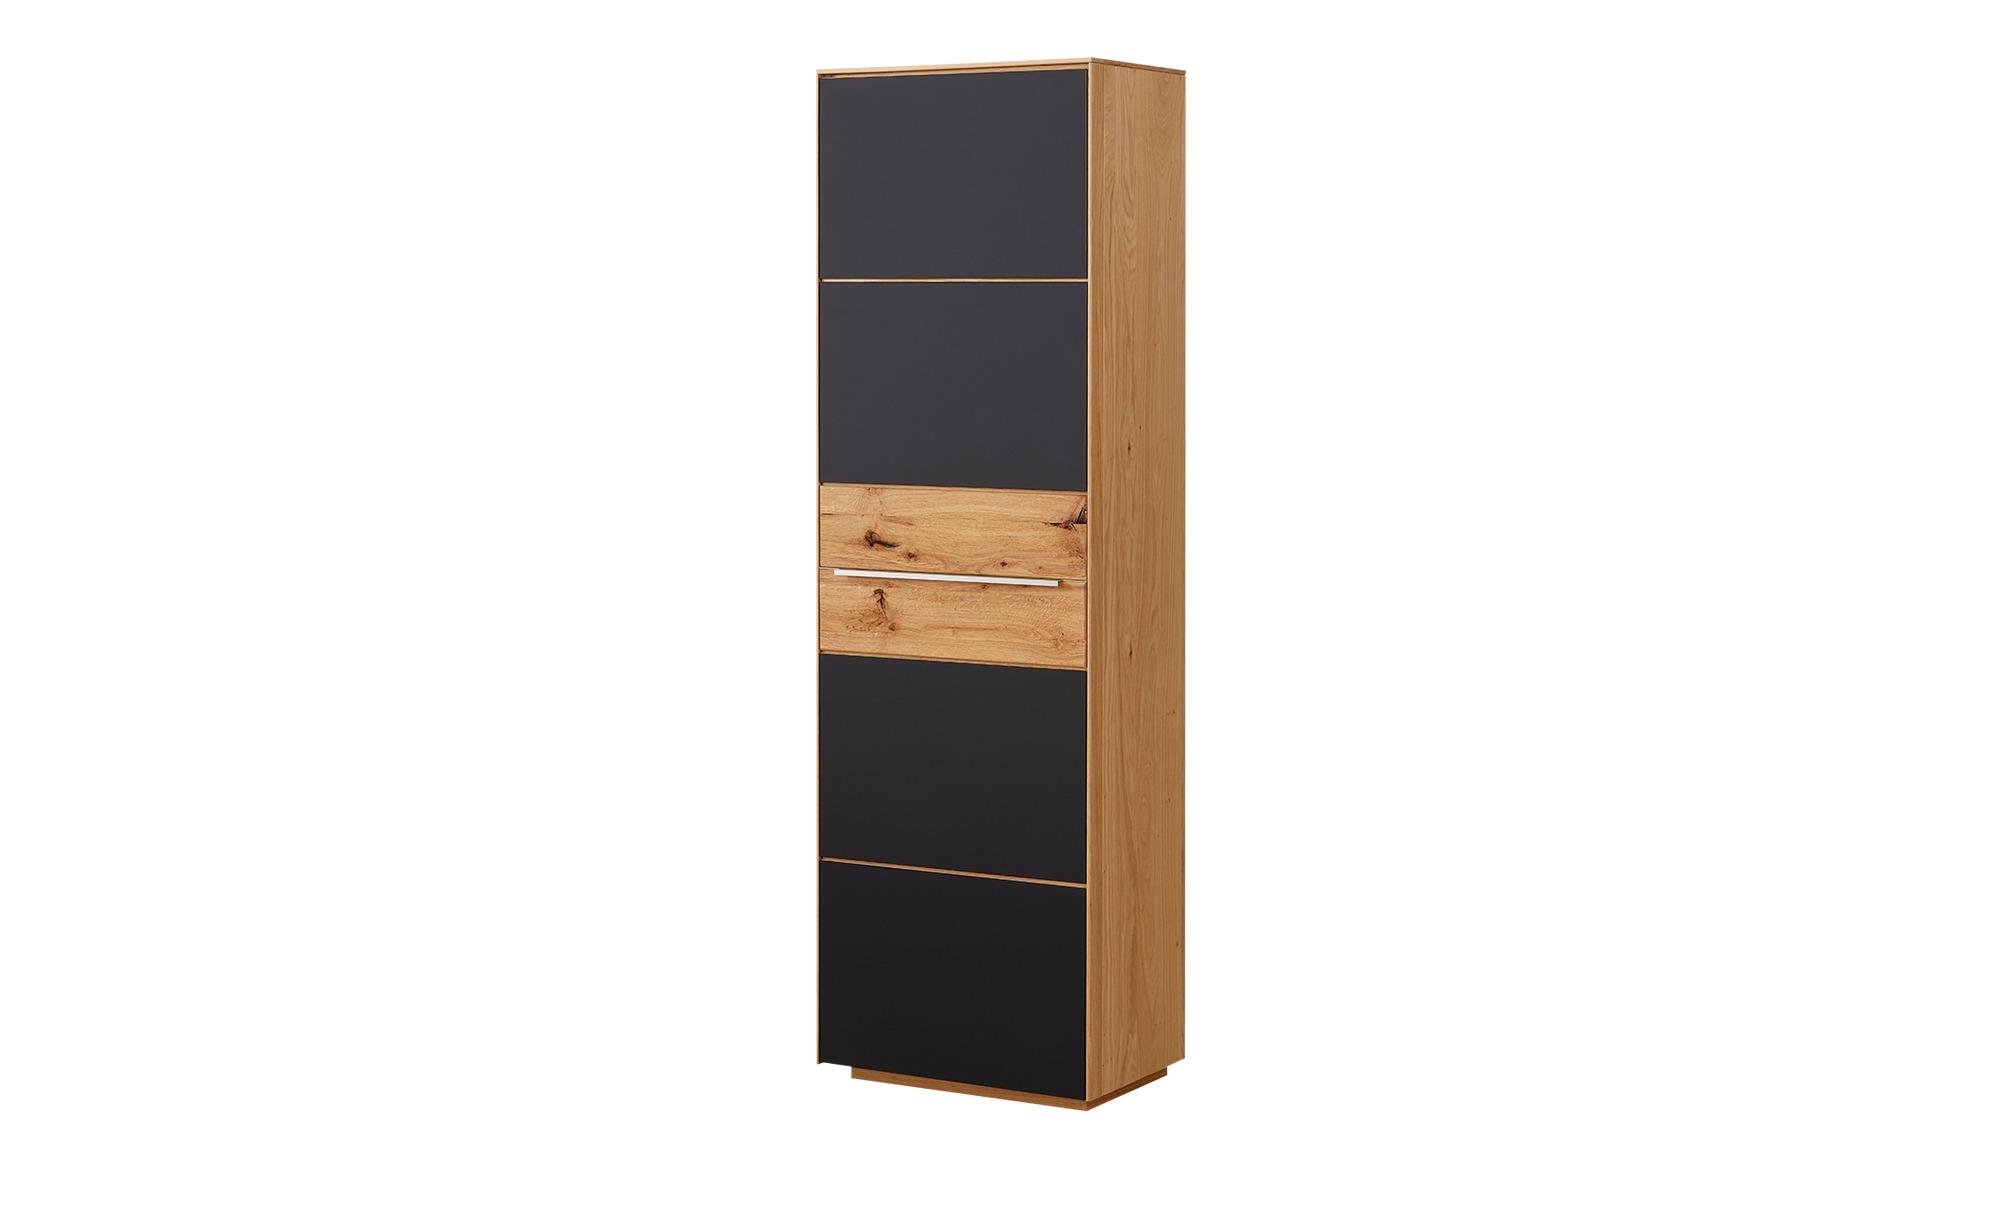 Holzwerkstoff Furniert Holzwerkstoff Lackiert Garderobenschranke